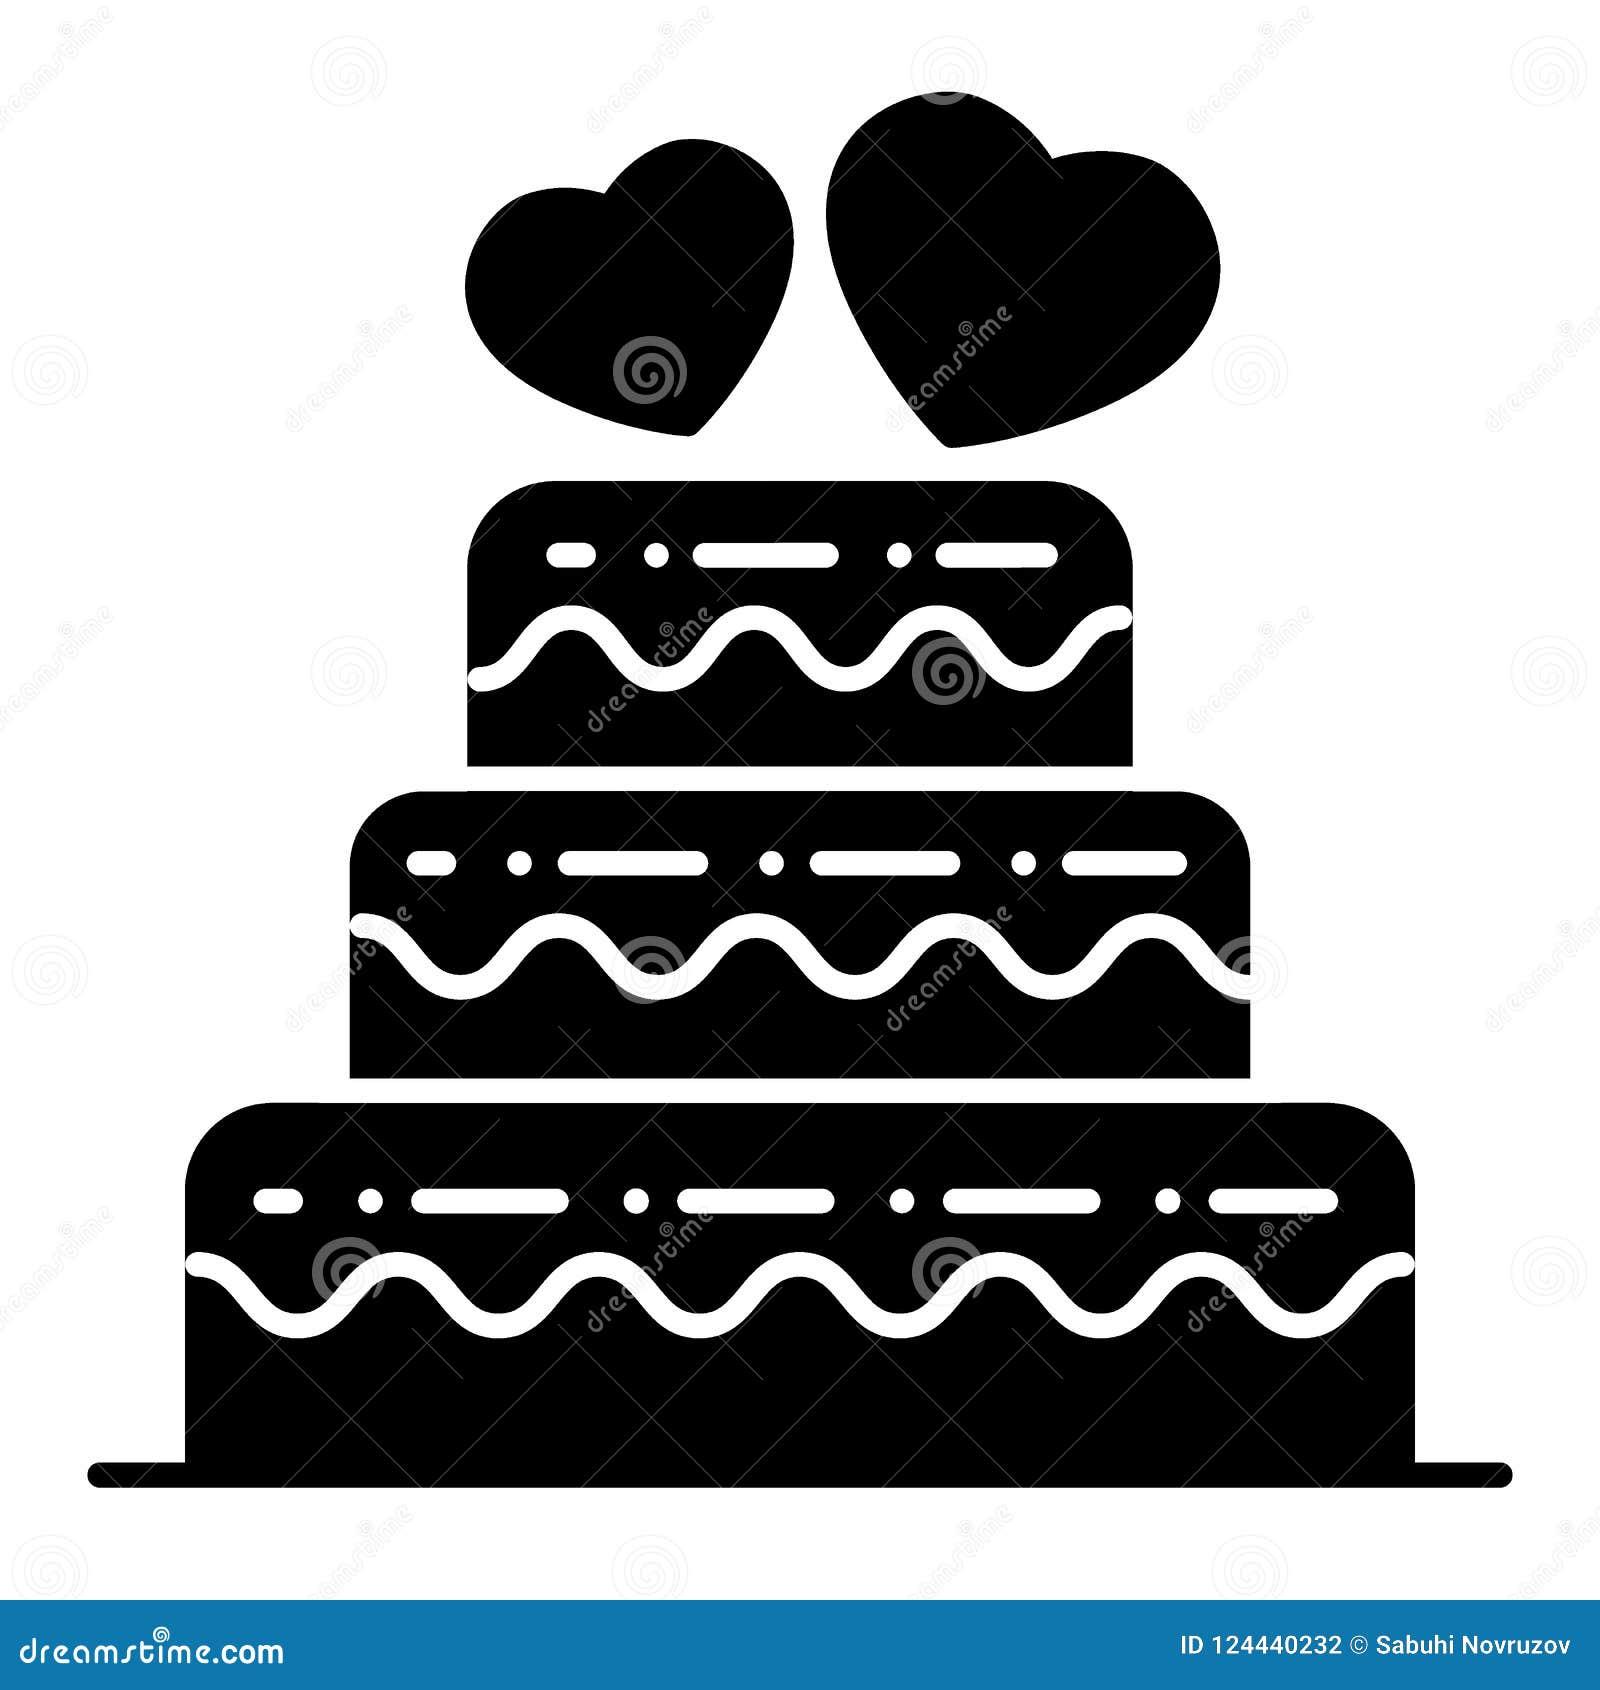 Überlagerte Hochzeitstortekörperikone Hochzeitstortevektorillustration lokalisiert auf Weiß Abgestuftes Kuchen Glyph-Artdesign